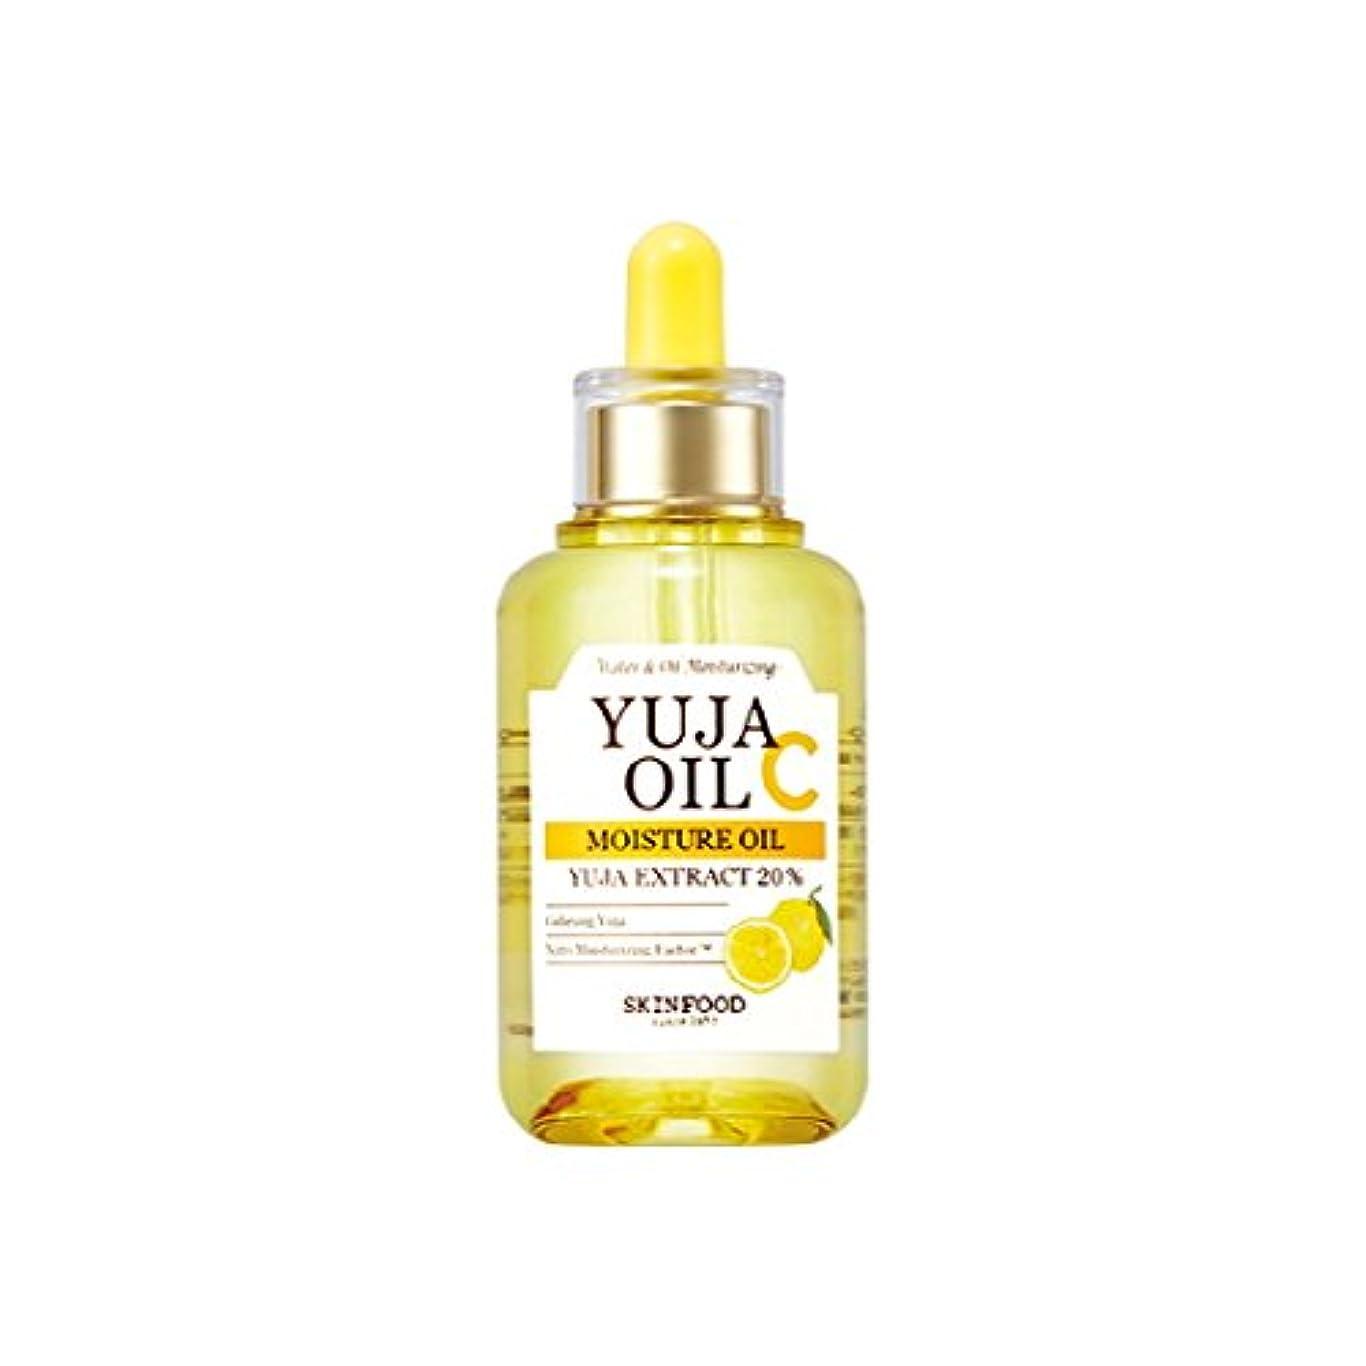 裁定助けになる寄り添う[New] SKINFOOD Yuja Oil C Moisture Oil 53ml/スキンフード 柚子 オイル C モイスチャー オイル 53ml [並行輸入品]